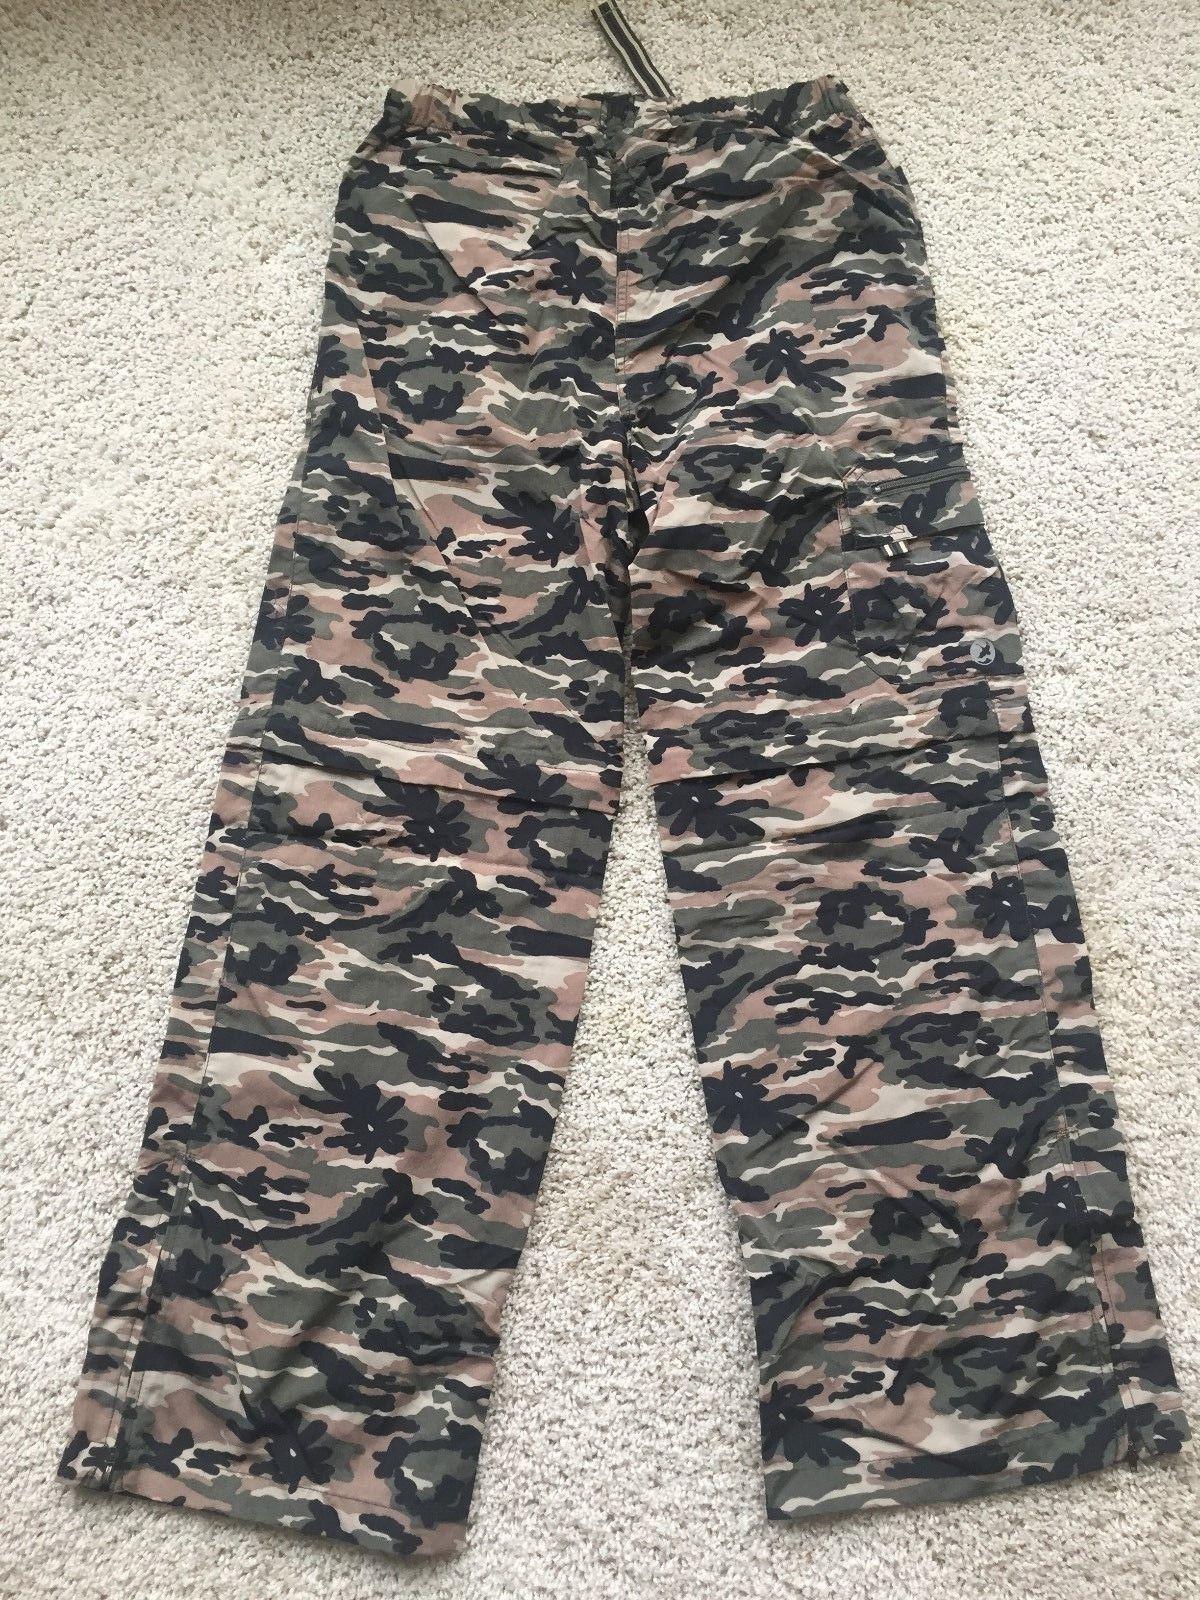 Gander Mountain Boys Convertible Cargo Pants Shorts Camoufla